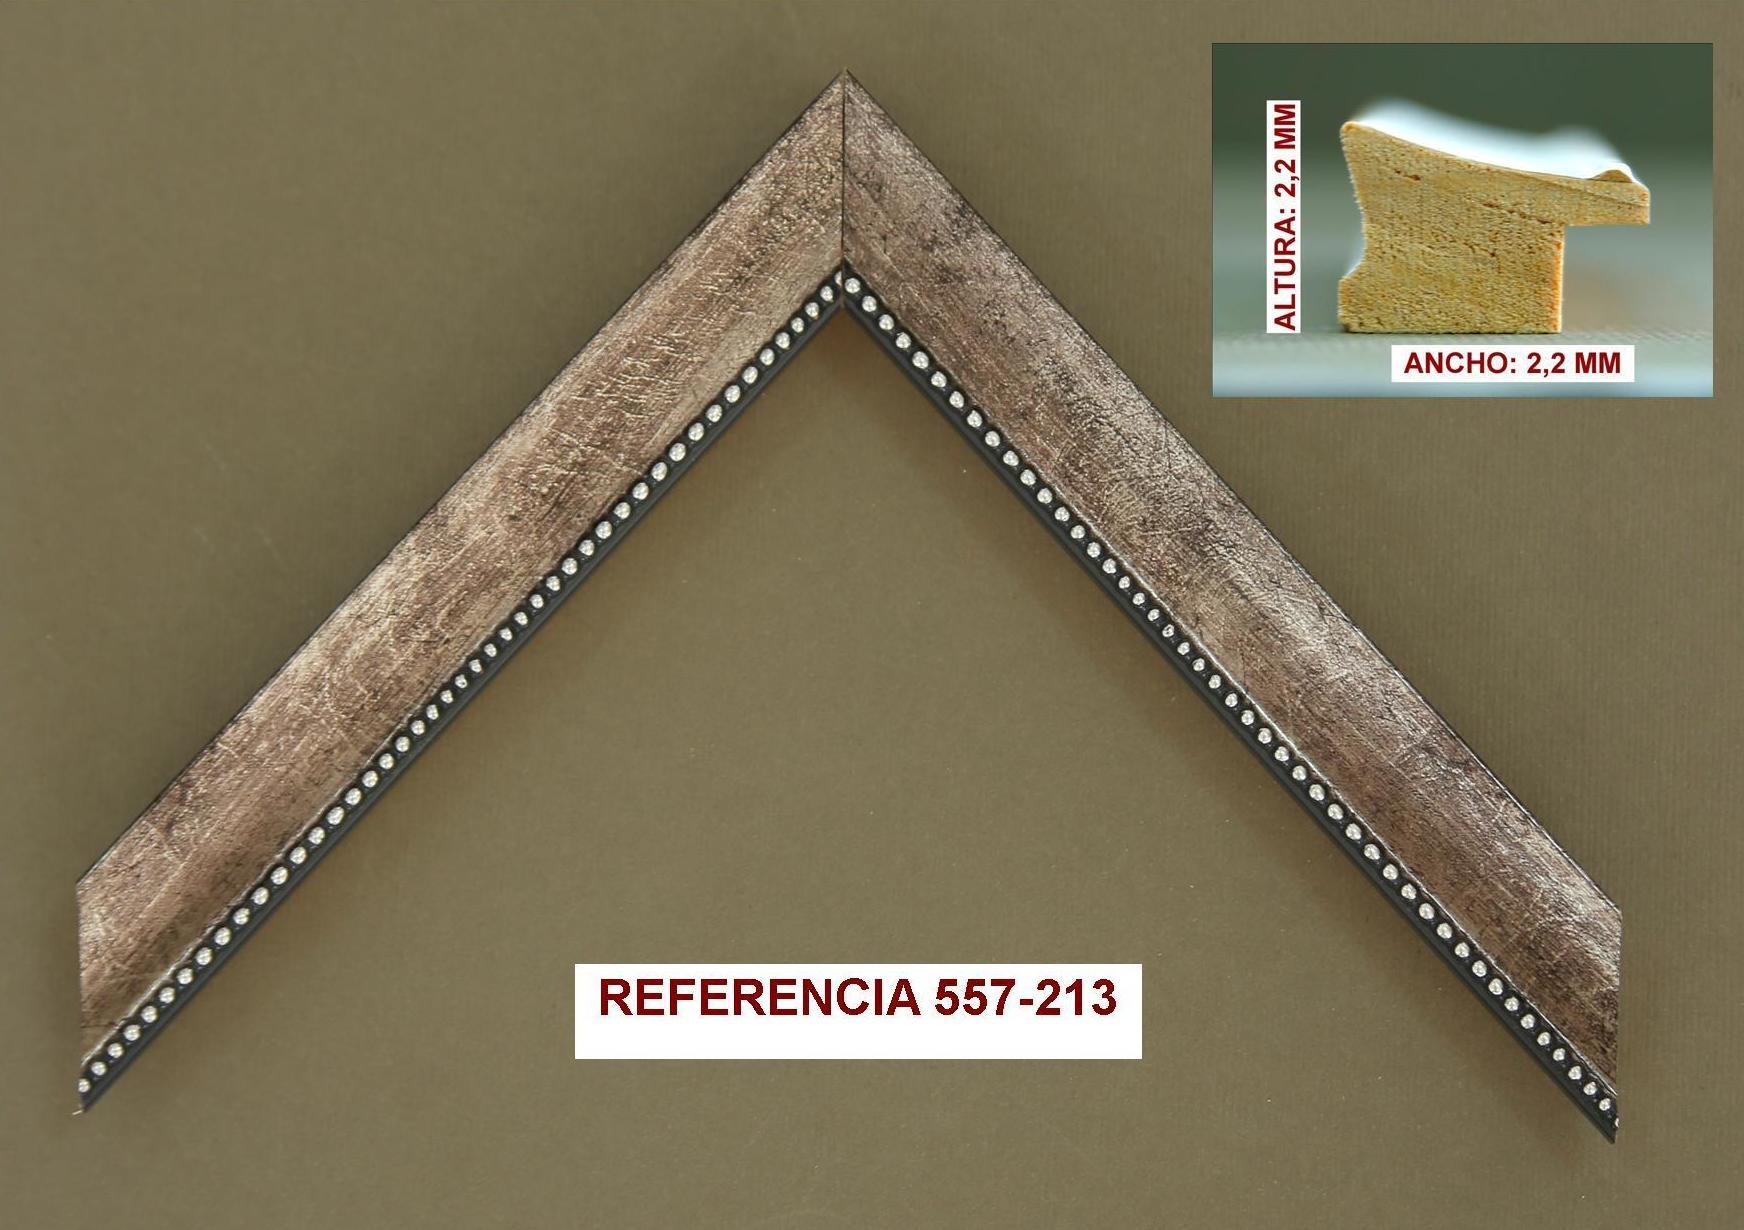 REF 557-213: Muestrario de Moldusevilla